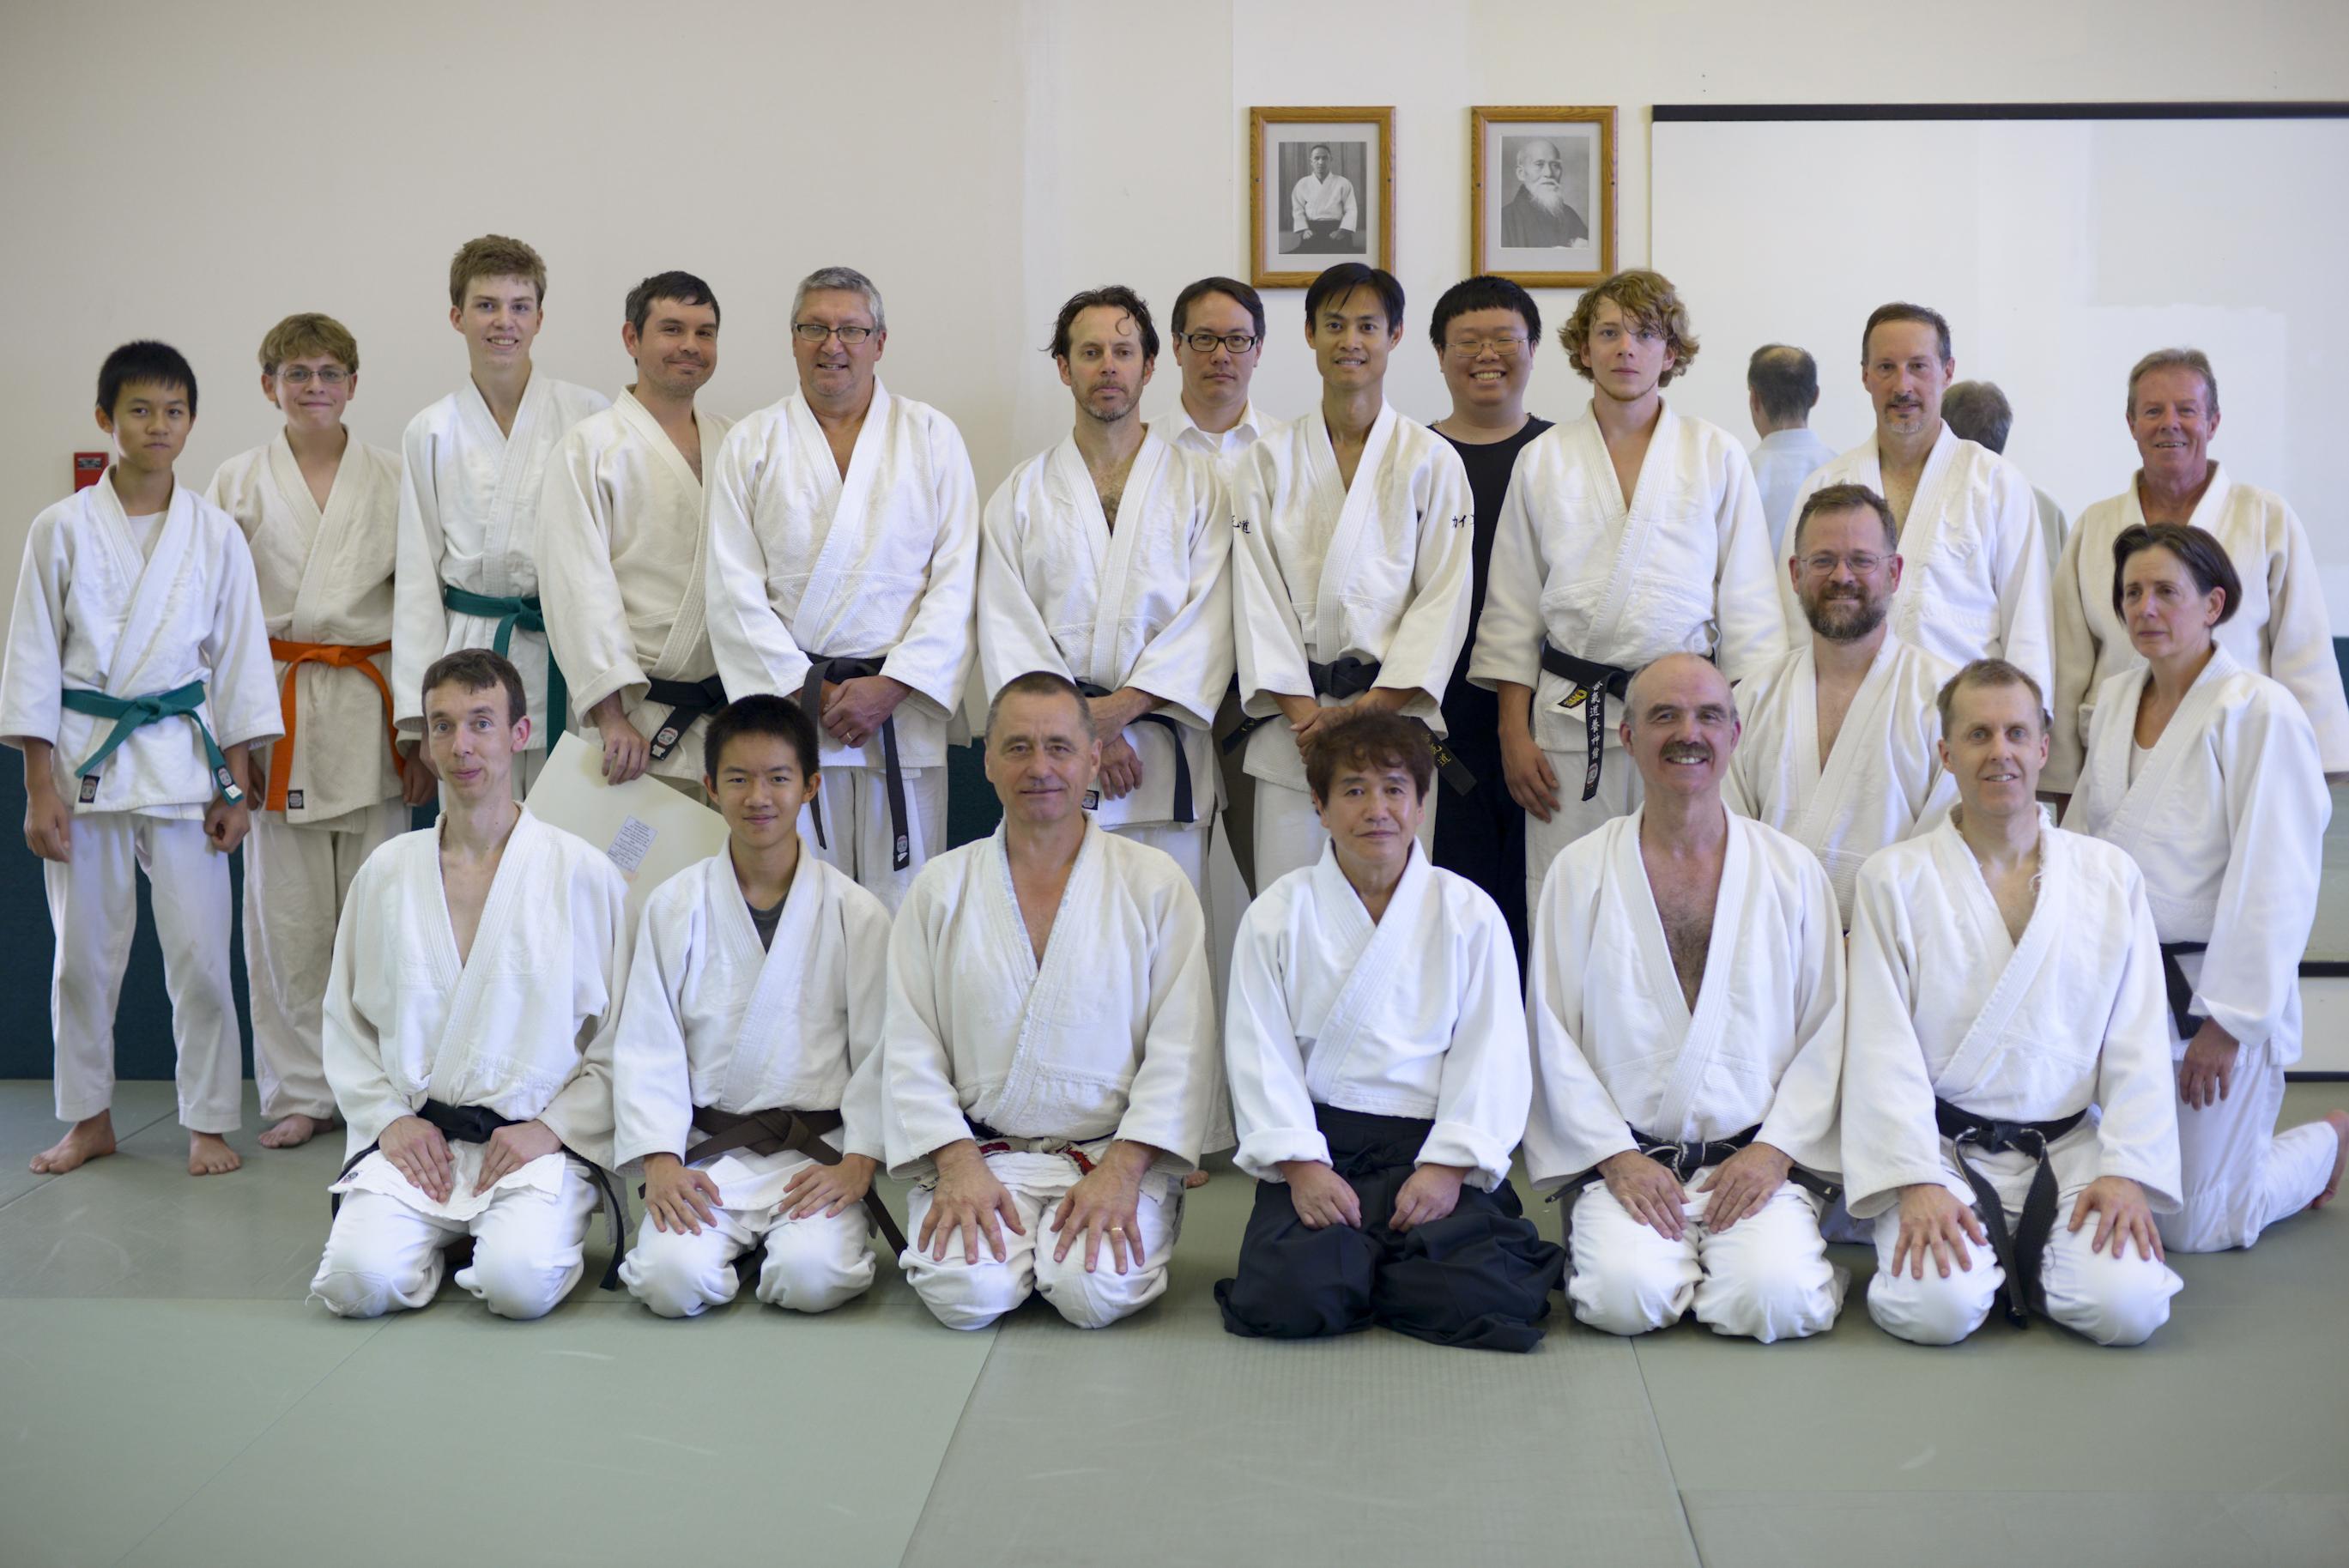 YasuhisaShioda2013 (69 of 76)